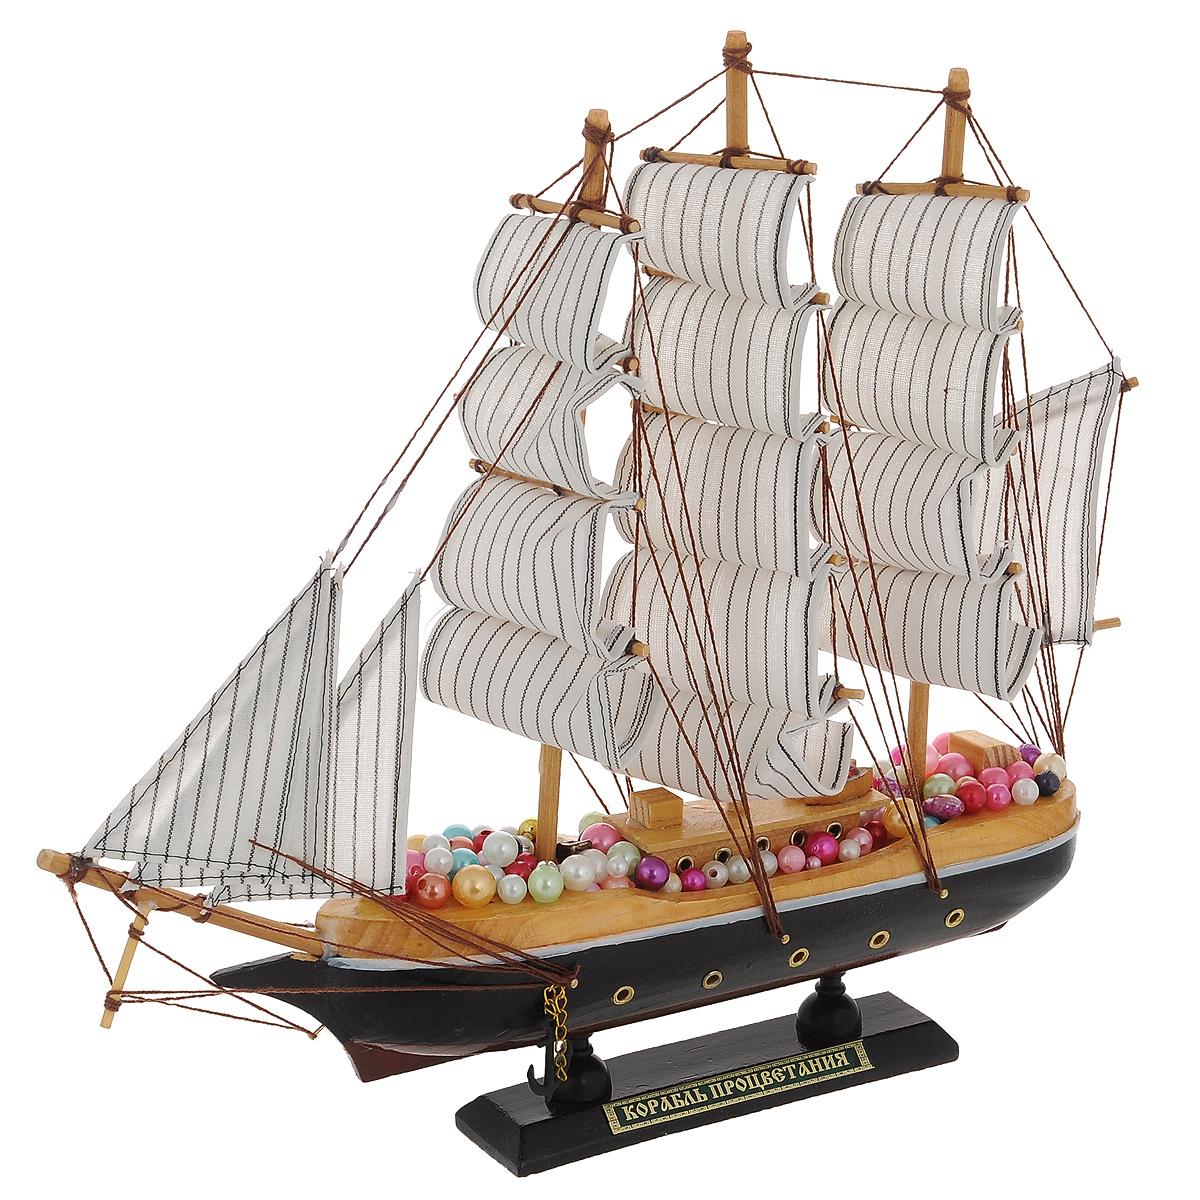 Корабль сувенирный Корабль процветания, длина 33 см08010102Сувенирный корабль Корабль процветания, изготовленный из дерева, металла и текстиля, это великолепный элемент декора рабочей зоны в офисе или кабинете. Корабль с парусами и якорями помещен на деревянную подставку. Палуба корабля украшена разноцветными бусинами. Время идет, и мы становимся свидетелями развития технического прогресса, новых учений и практик. Но одно не подвластно времени - это любовь человека к морю и кораблям. Сувенирный корабль наполнен историей и силой океанских вод. Данная модель кораблика станет отличным подарком для всех любителей морей, поклонников историй о покорении океанов и неизведанных земель. Модель корабля - подарок со смыслом. Издавна на Руси считалось, что корабли приносят удачу и везение. Поэтому их изображения, фигурки и точные копии всегда присутствовали в помещениях. Удивите себя и своих близких необычным презентом. Размер корабля (с учетом подставки): 33 см х 6 см х 32 см.